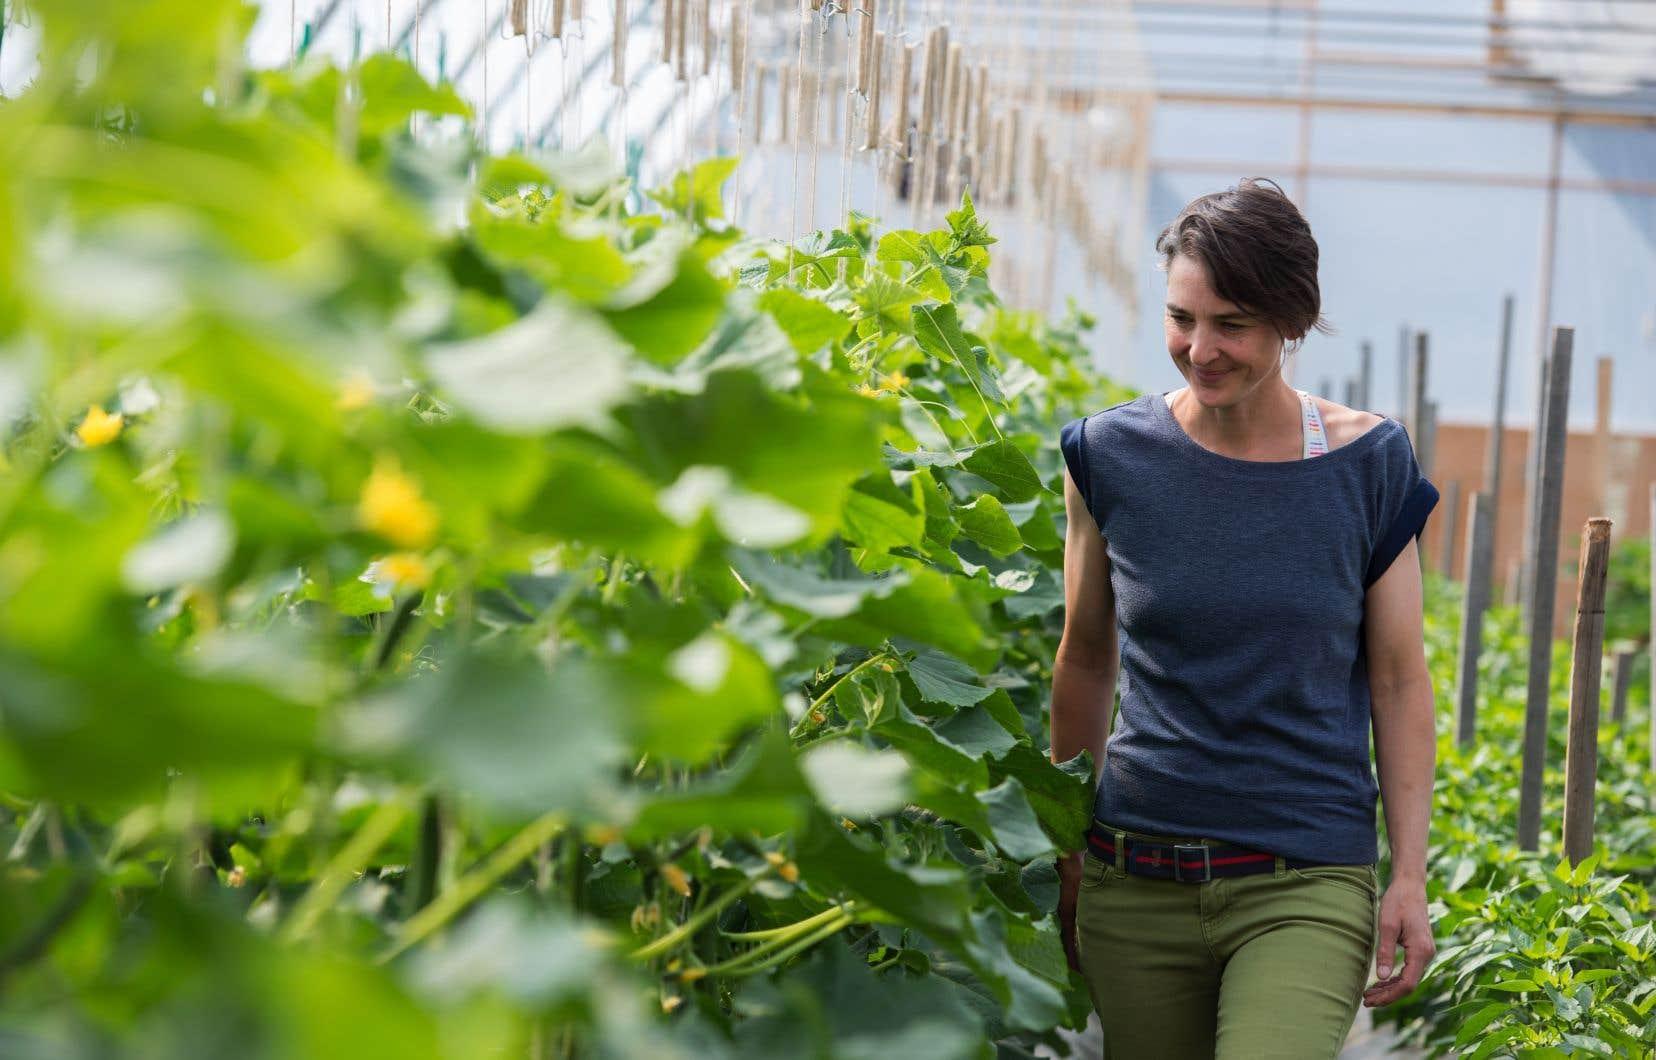 La plateforme souhaite créer un mouvement citoyen pour favoriser une transformation du système agroalimentaire du Québec.